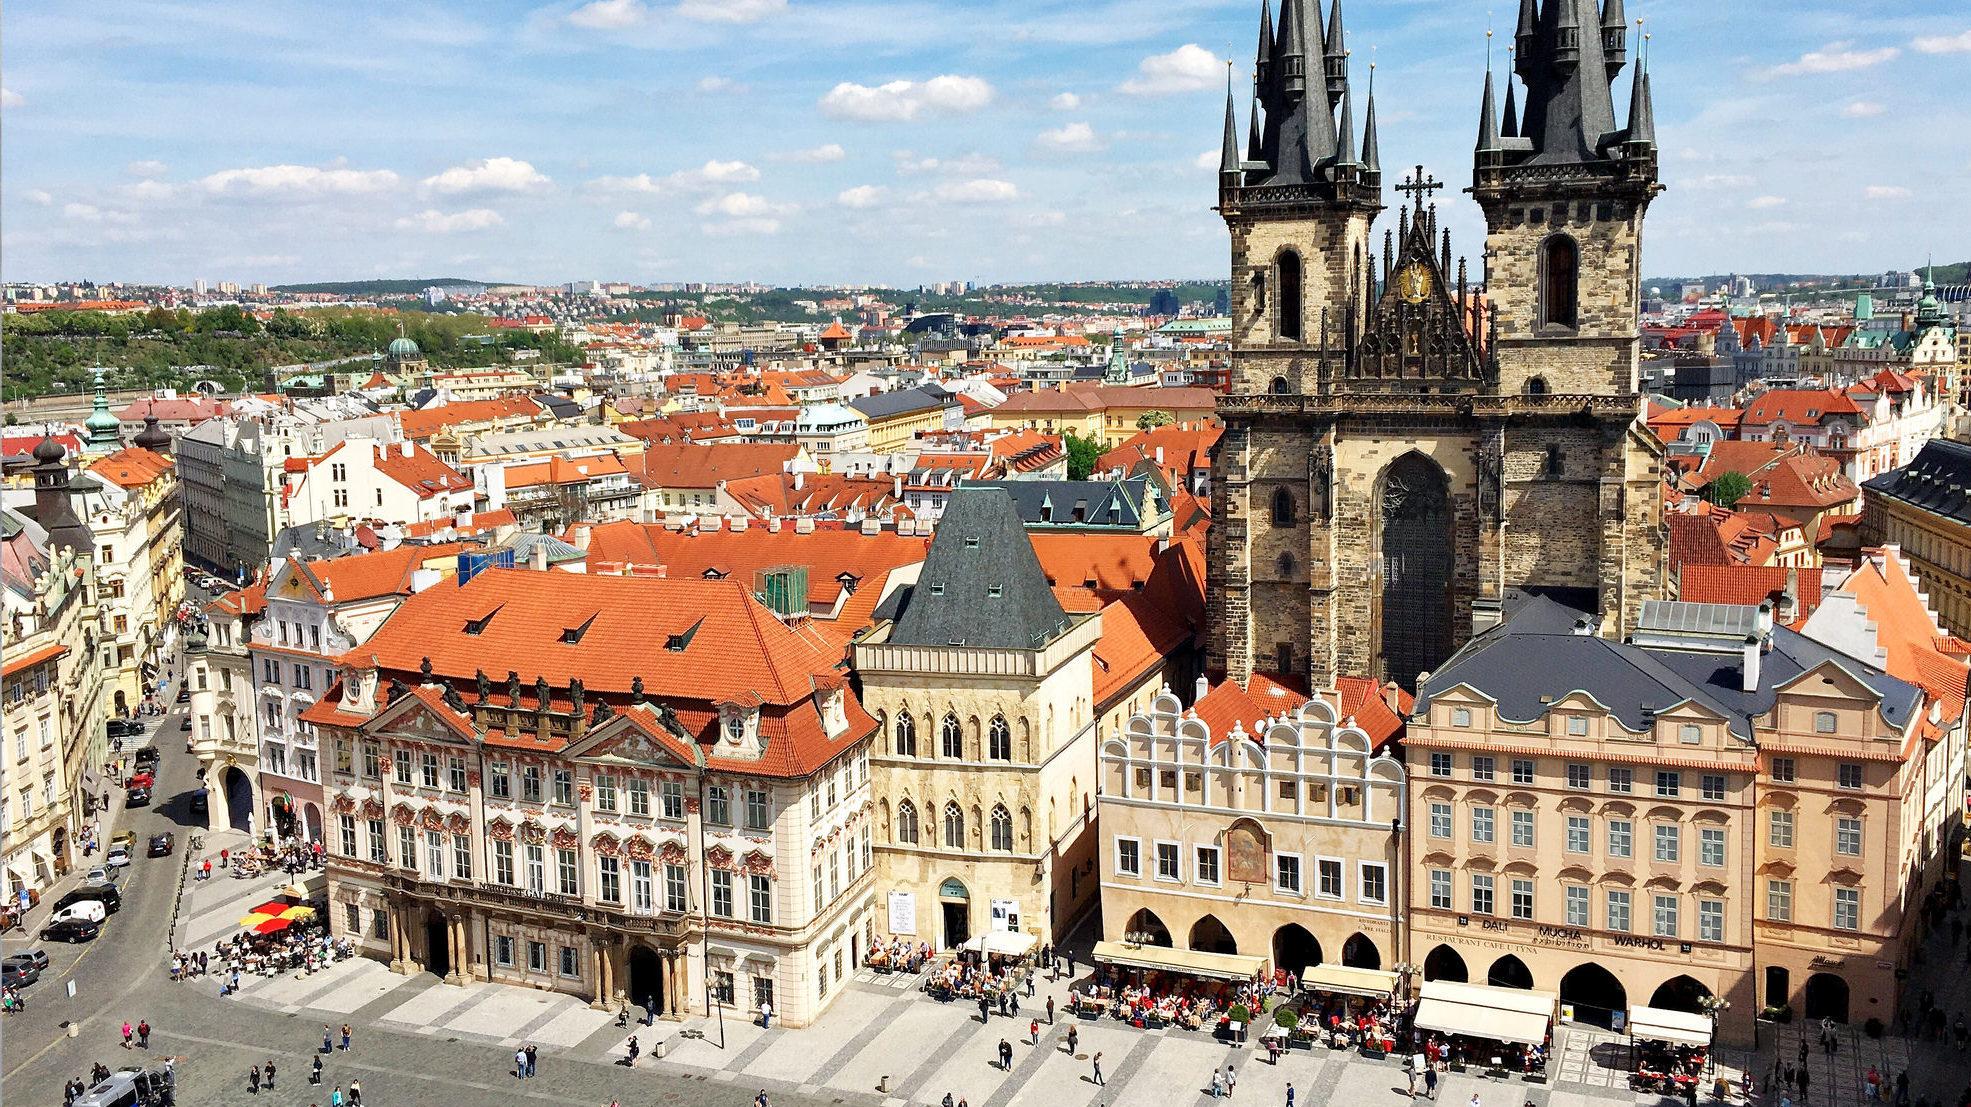 Український лоукостер SkyUp прагне відкрити рейс Запоріжжя-Прага-Запоріжжя